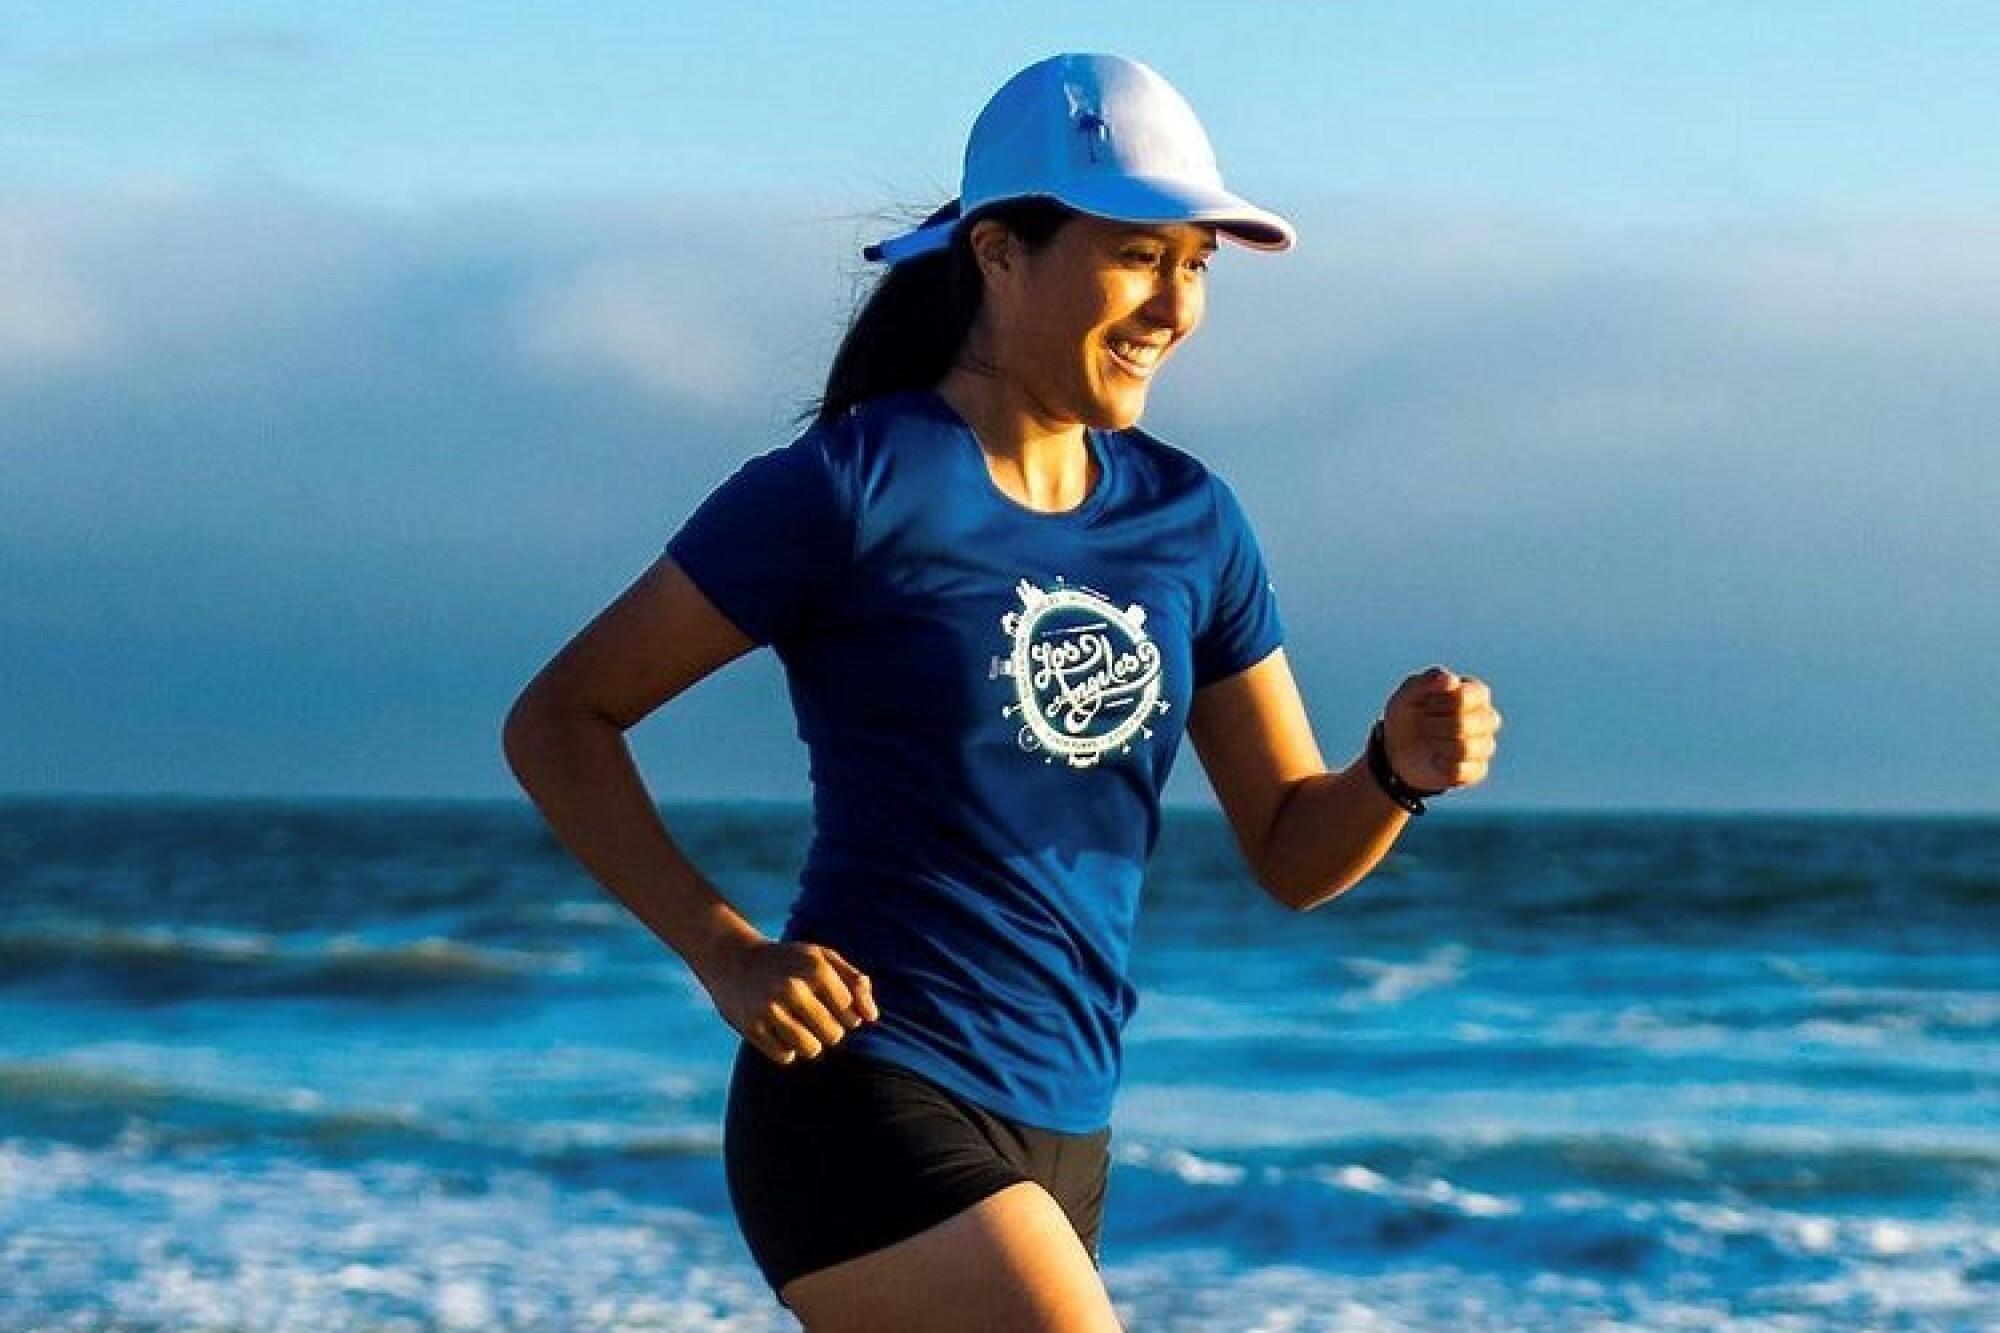 Jocelyn Rivas, corredora originaria de El Salvador